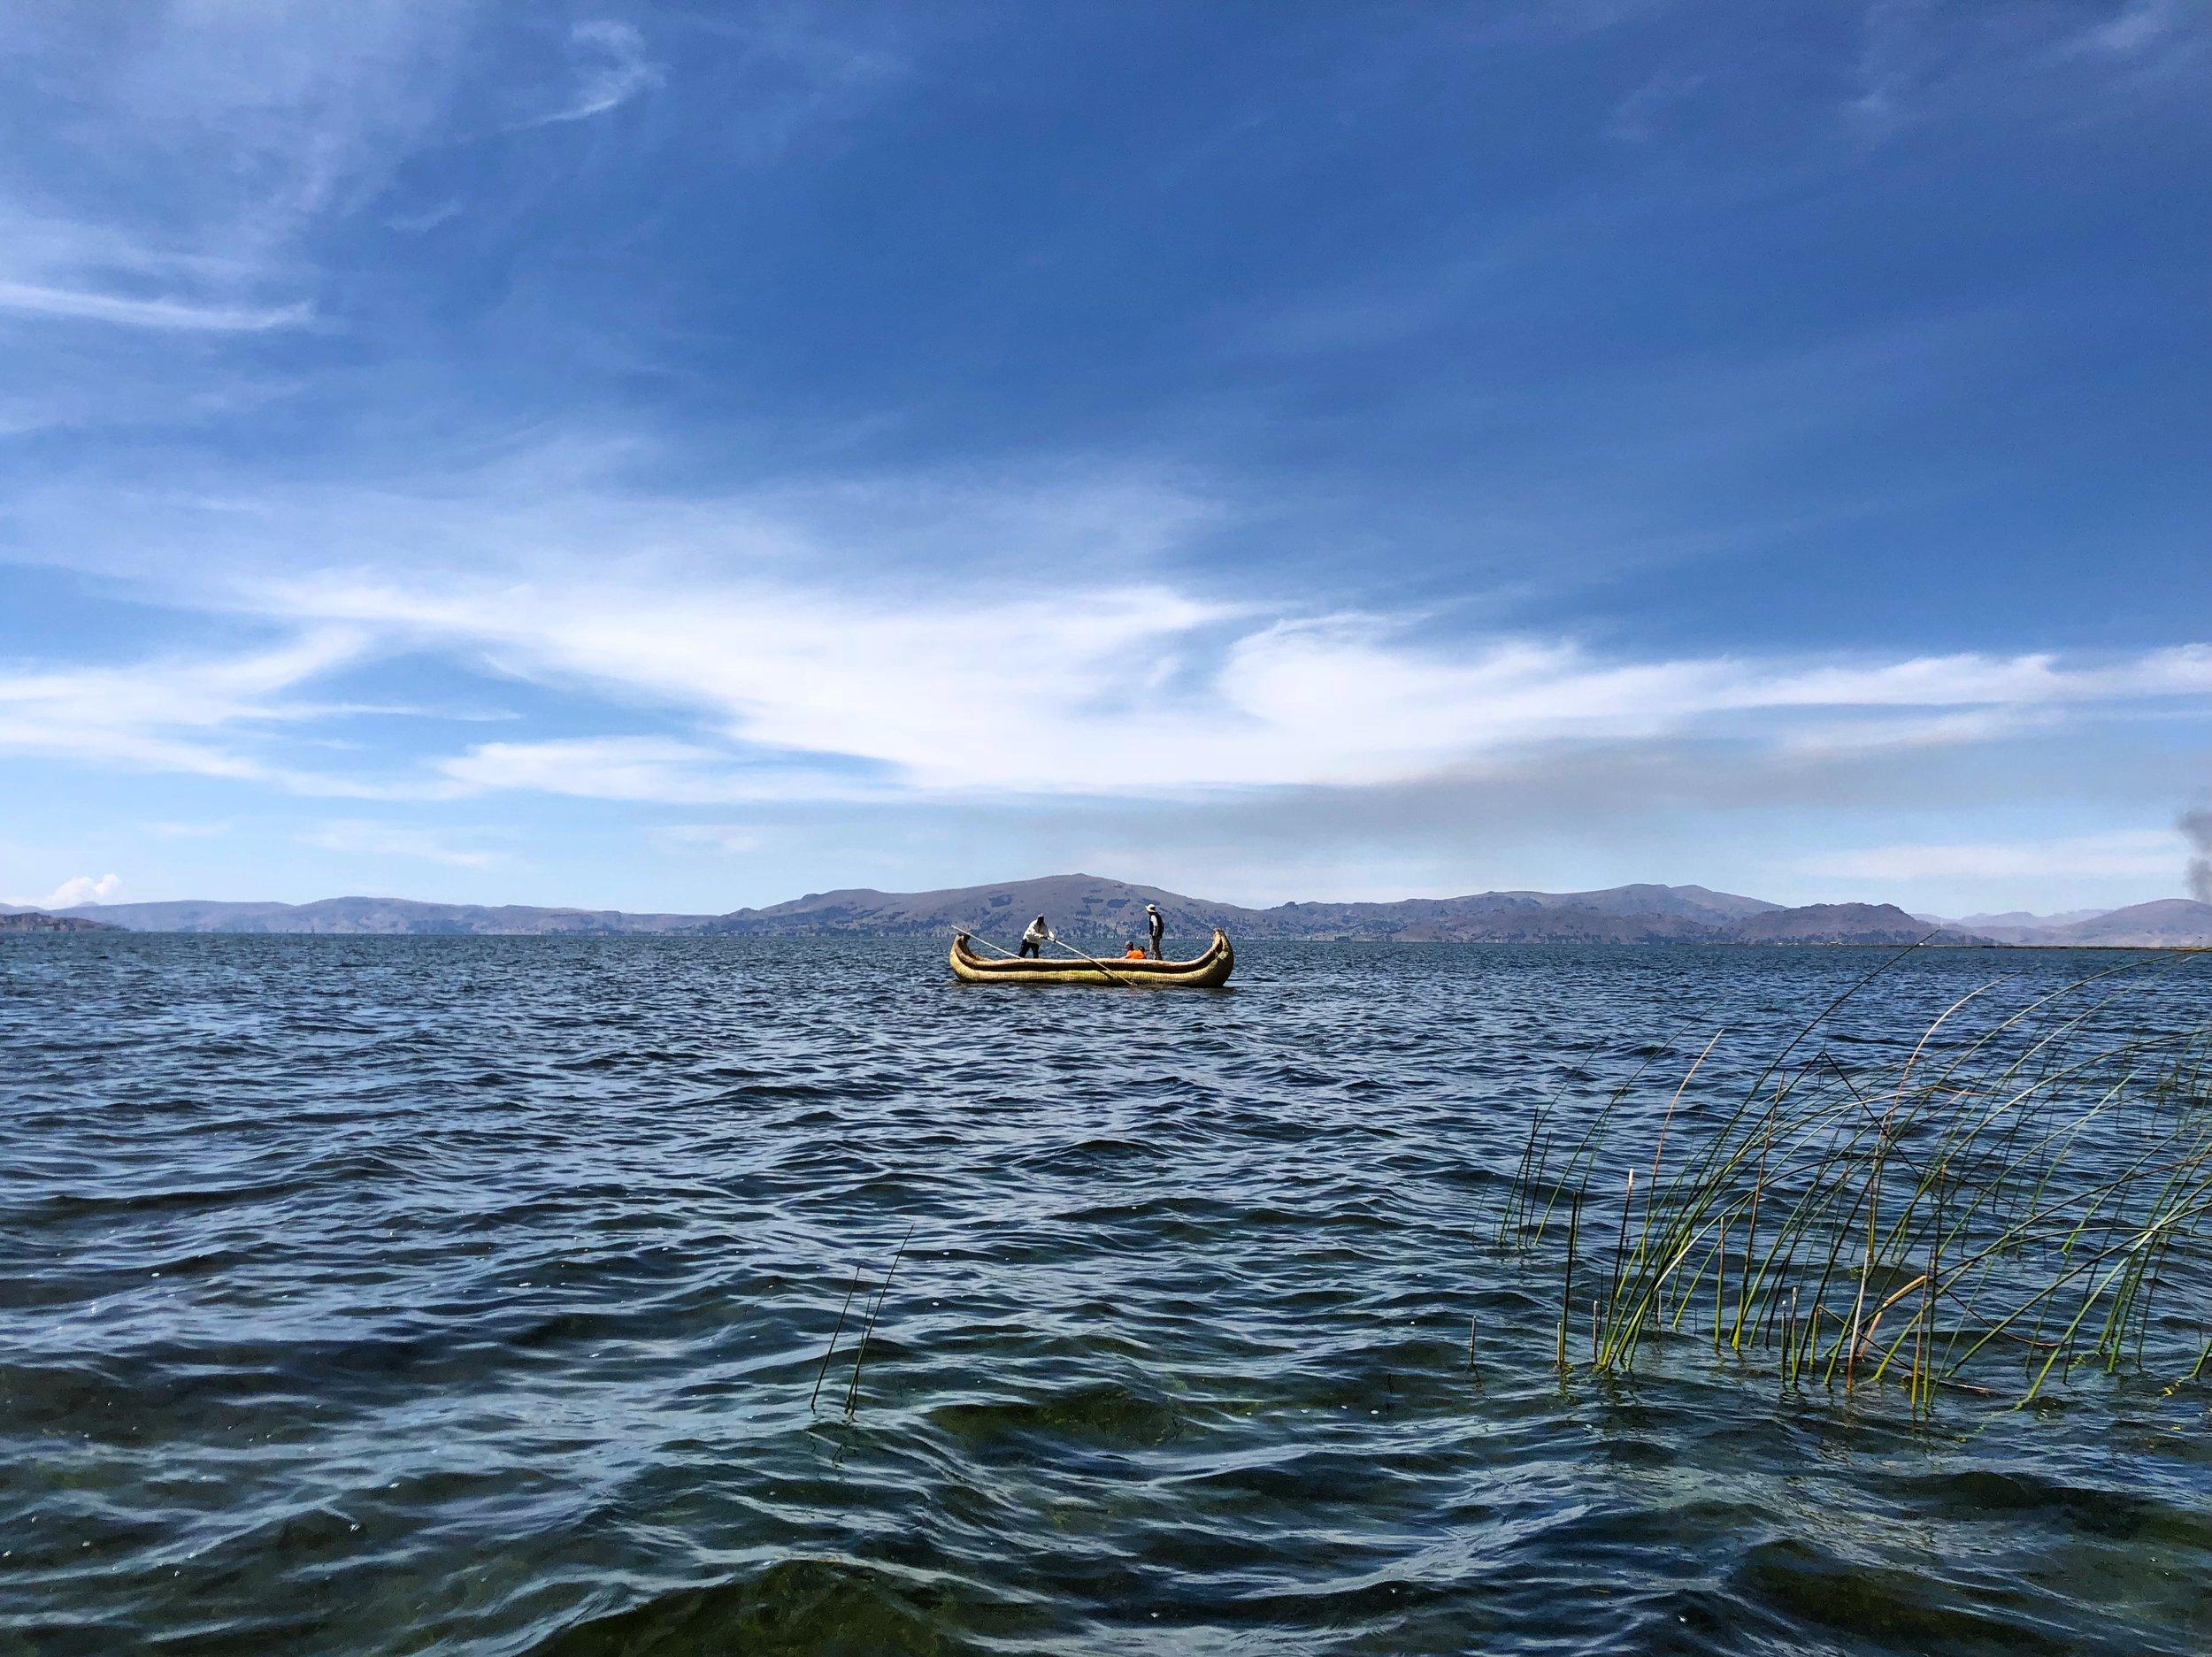 Uros Floating Islands / Lake Titicaca / Peru